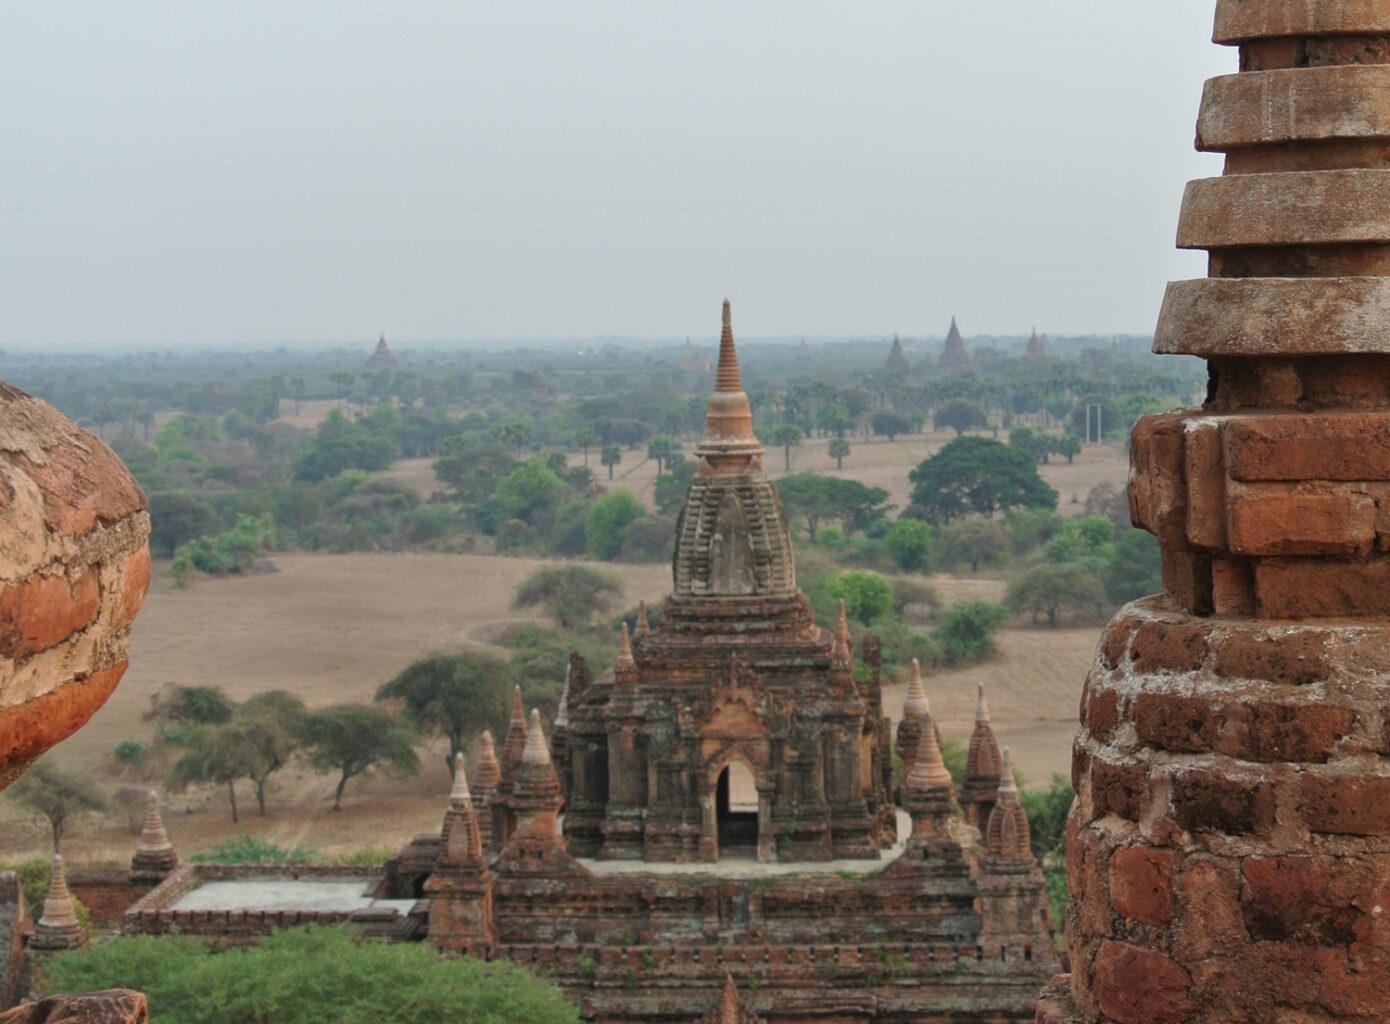 Overal waar je kijkt zijn tempels